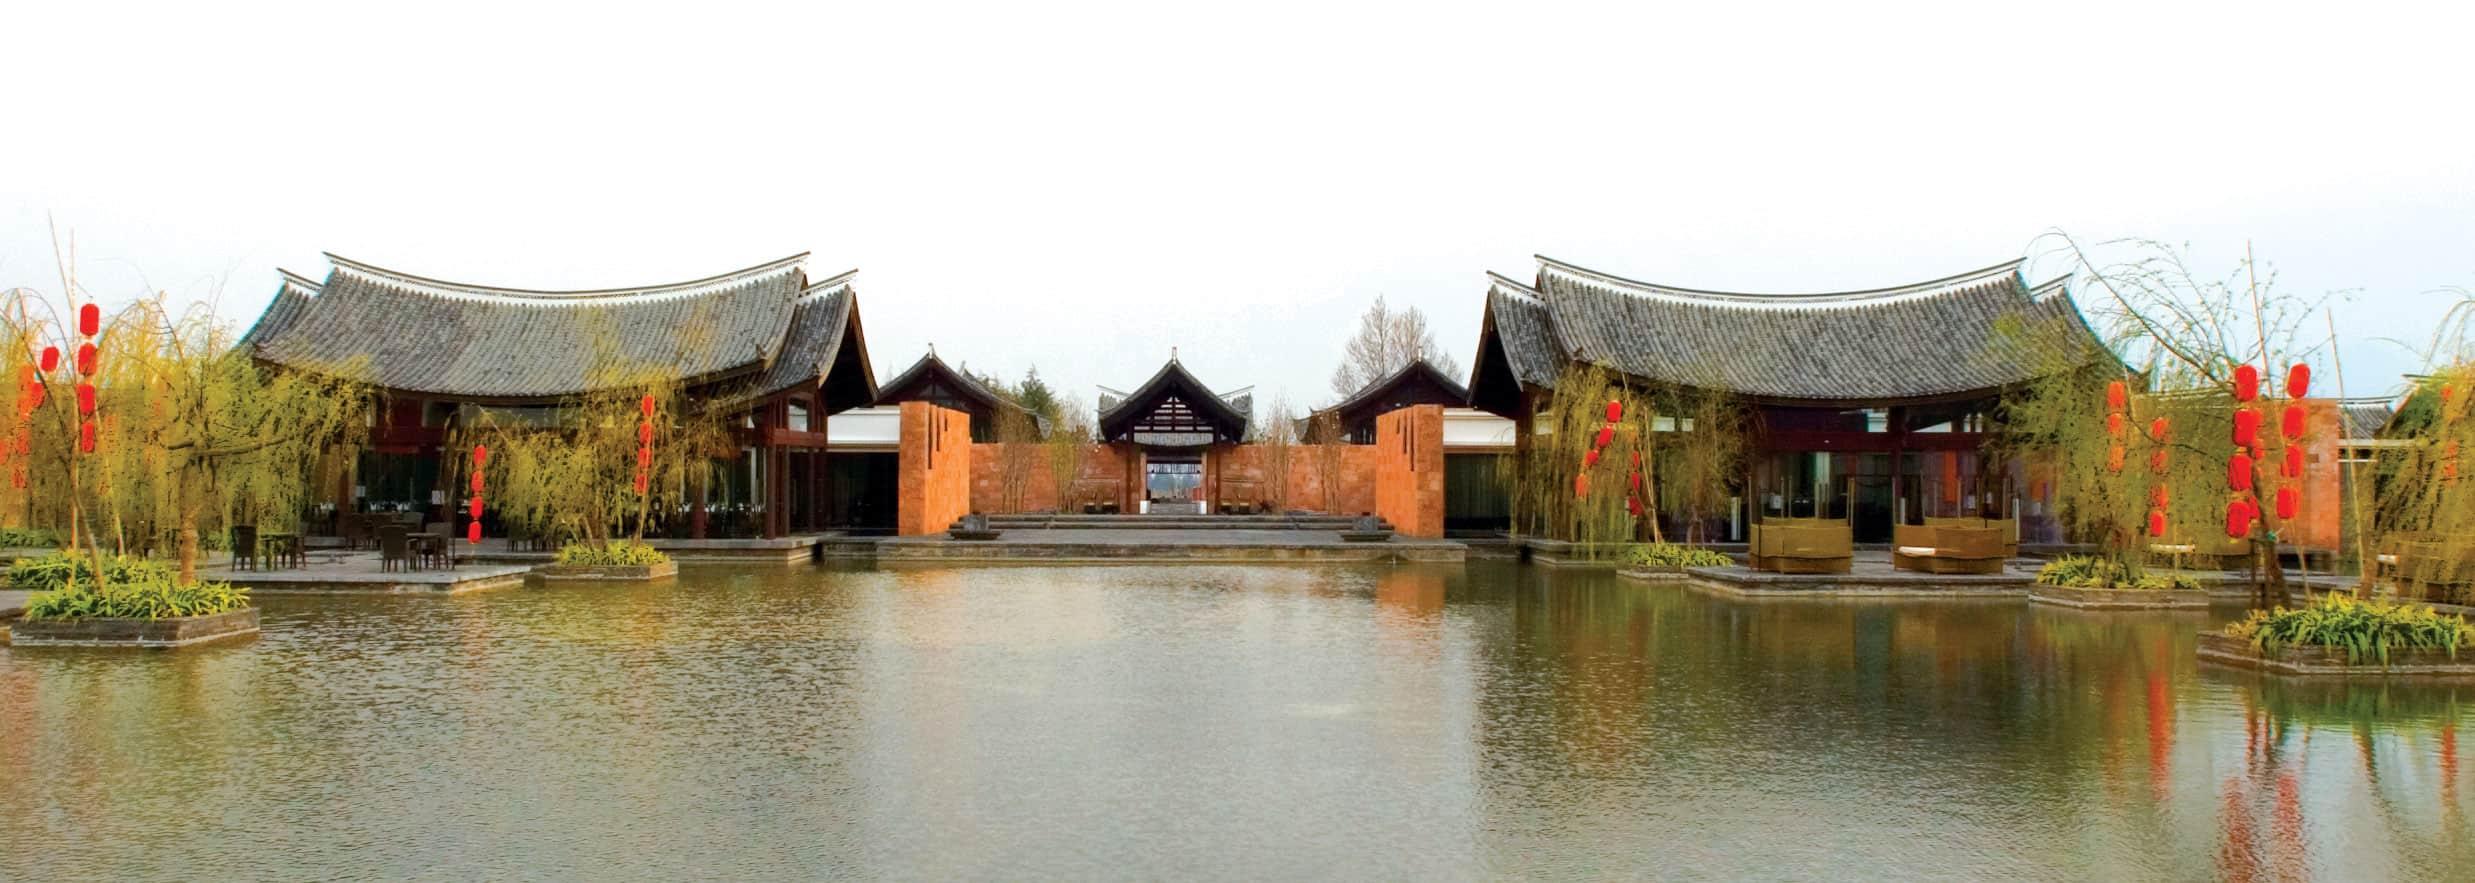 Banyan Tree Lijiang Resort in Lijiang, China (1)